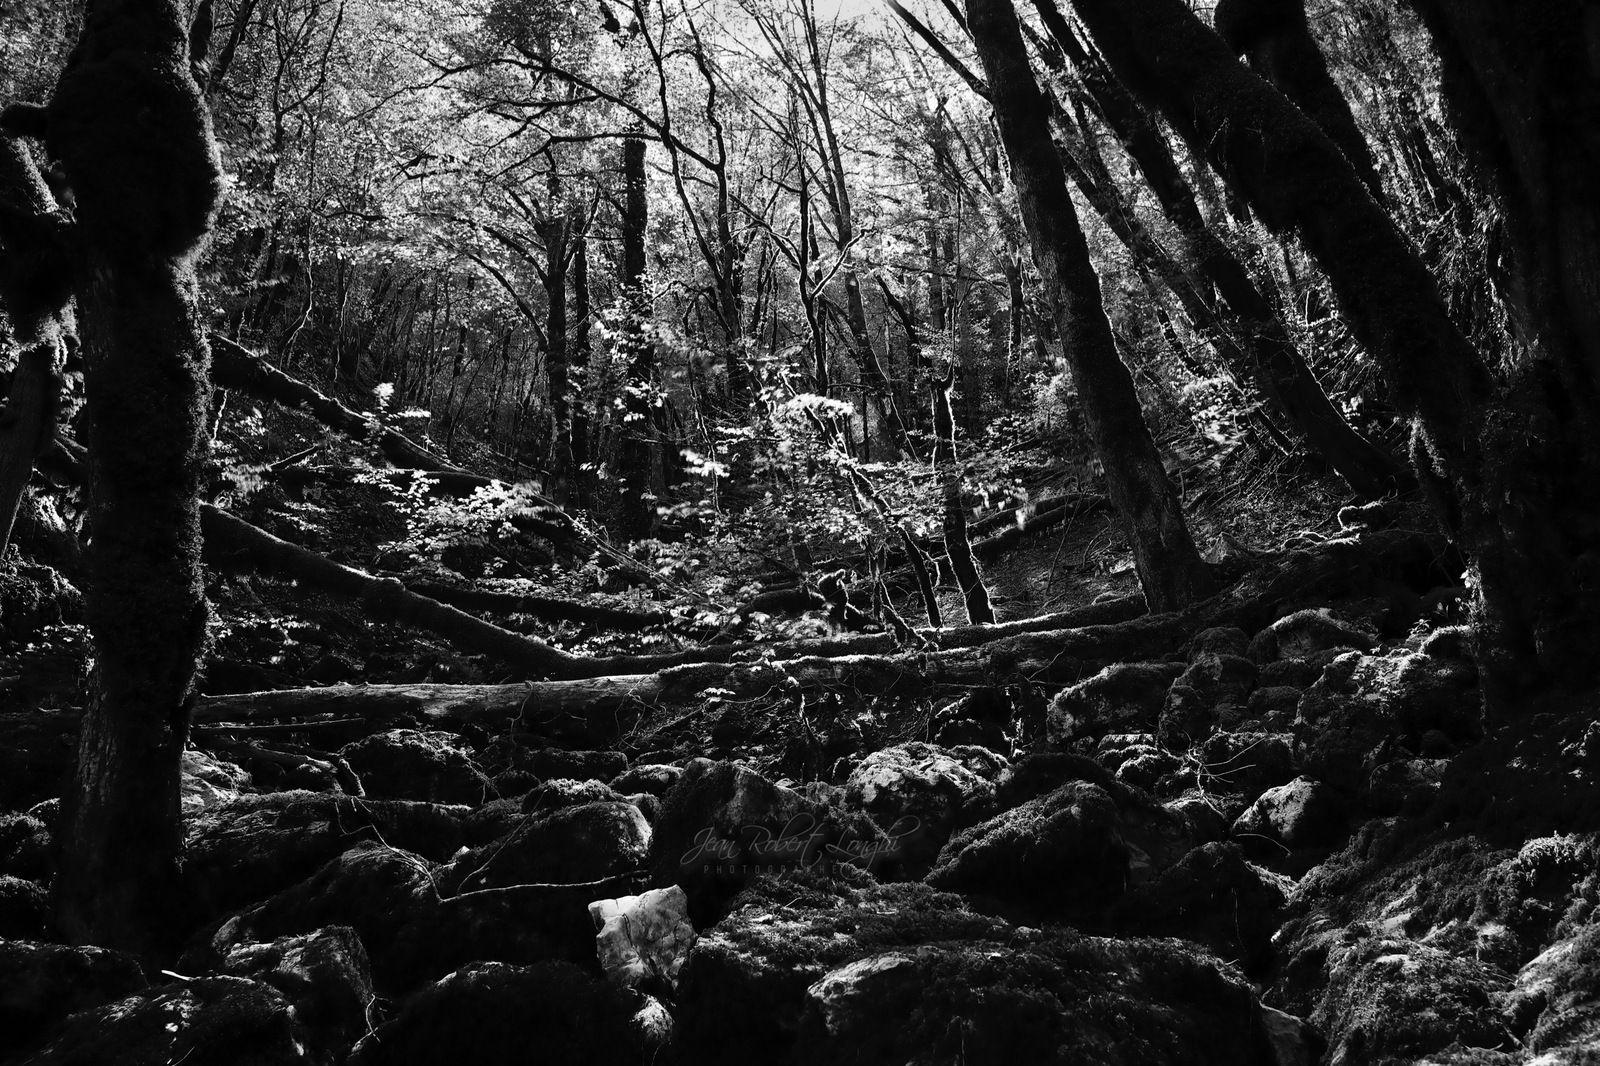 Doubs - Lumière de printemps - 26 - La Loue - ©2021 Jean-Robert Longhi Photographie non libre de droits.